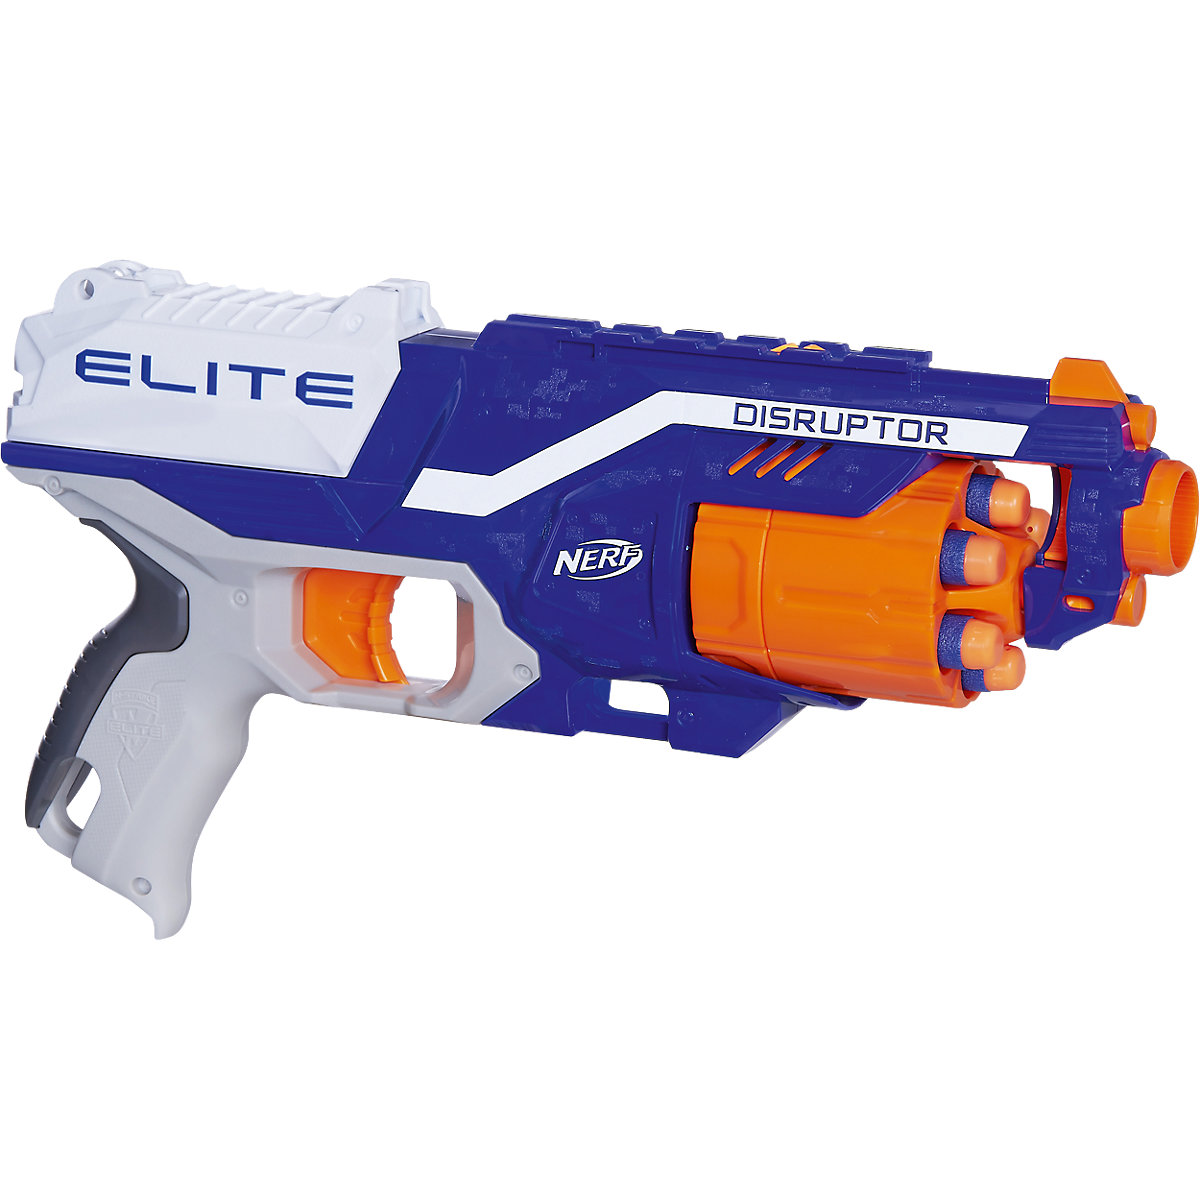 Jouets pistolets NERF 5104315 enfants enfants jouet pistolet arme blaster garçons jeux de tir en plein air jouer MTpromo